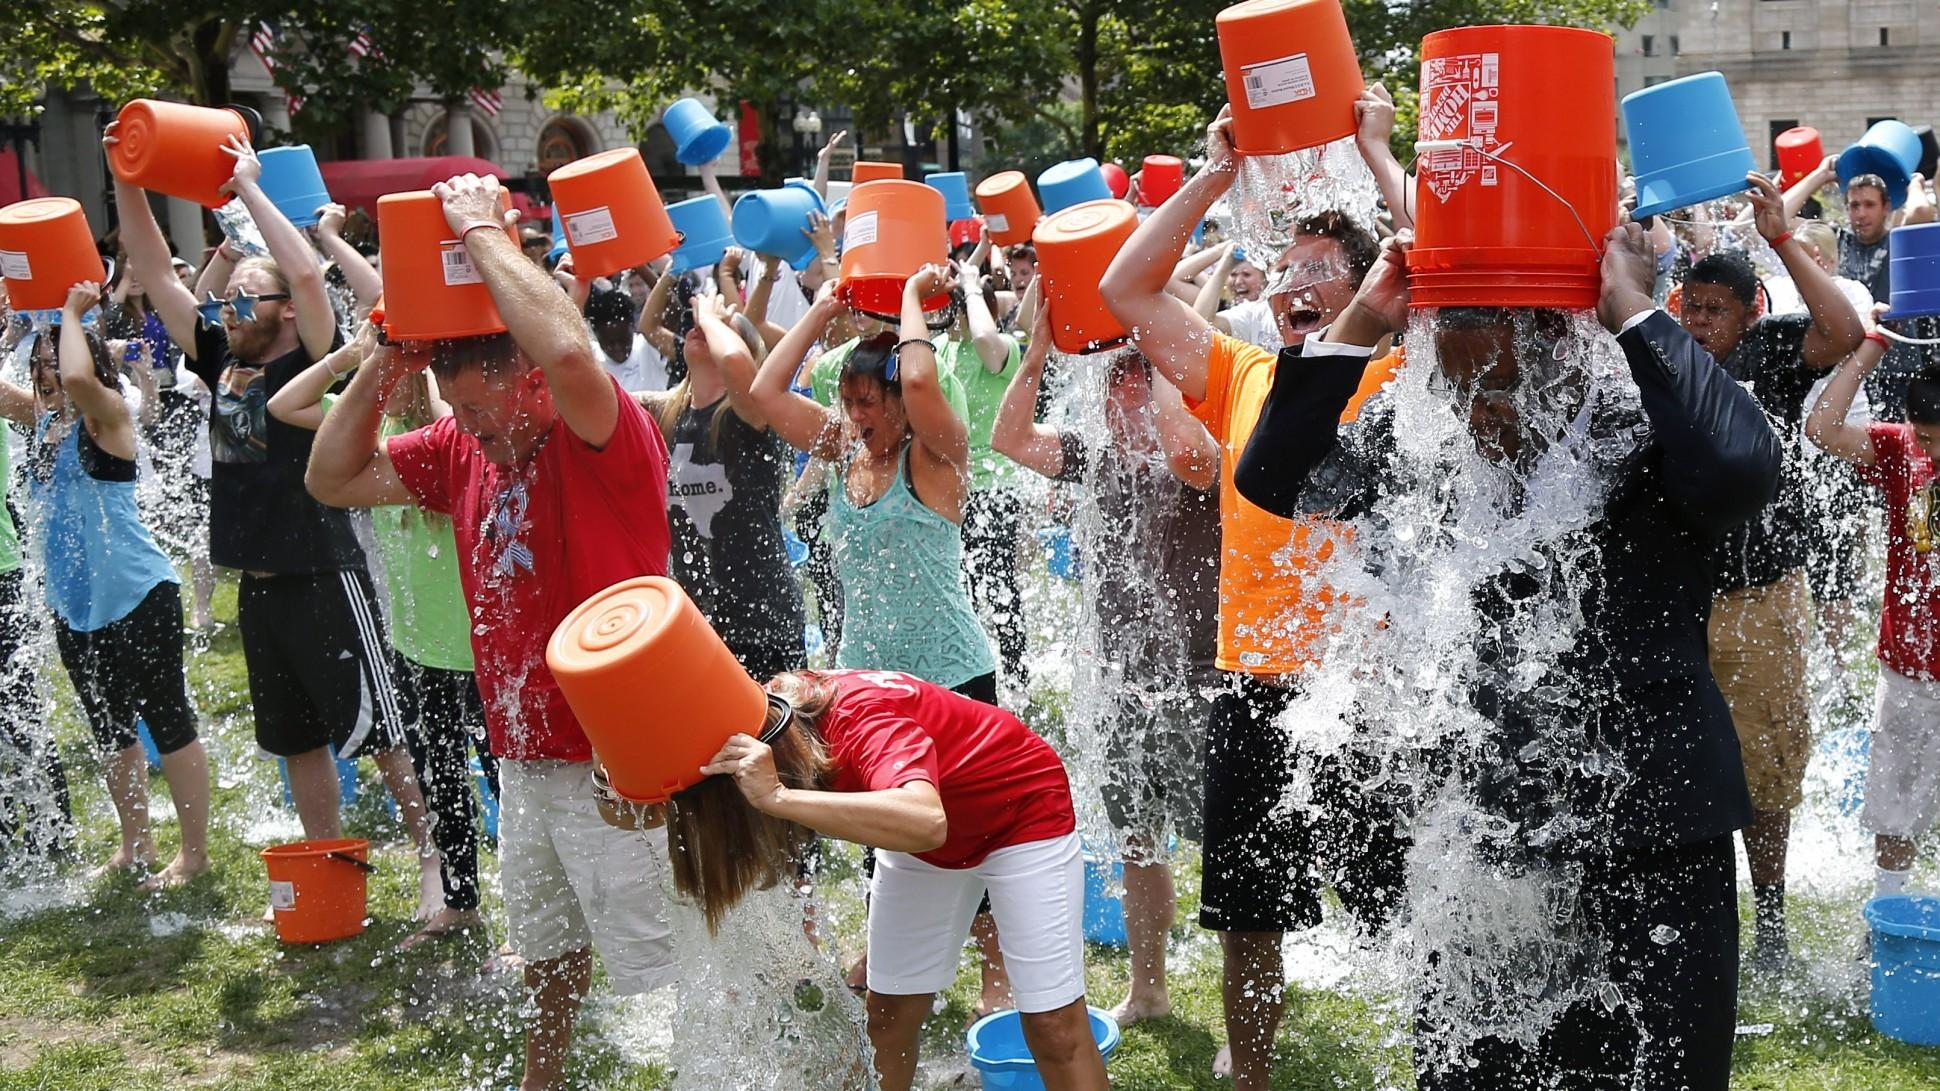 2014年「冰桶挑戰」(Photo Credit: Elise Amendola)